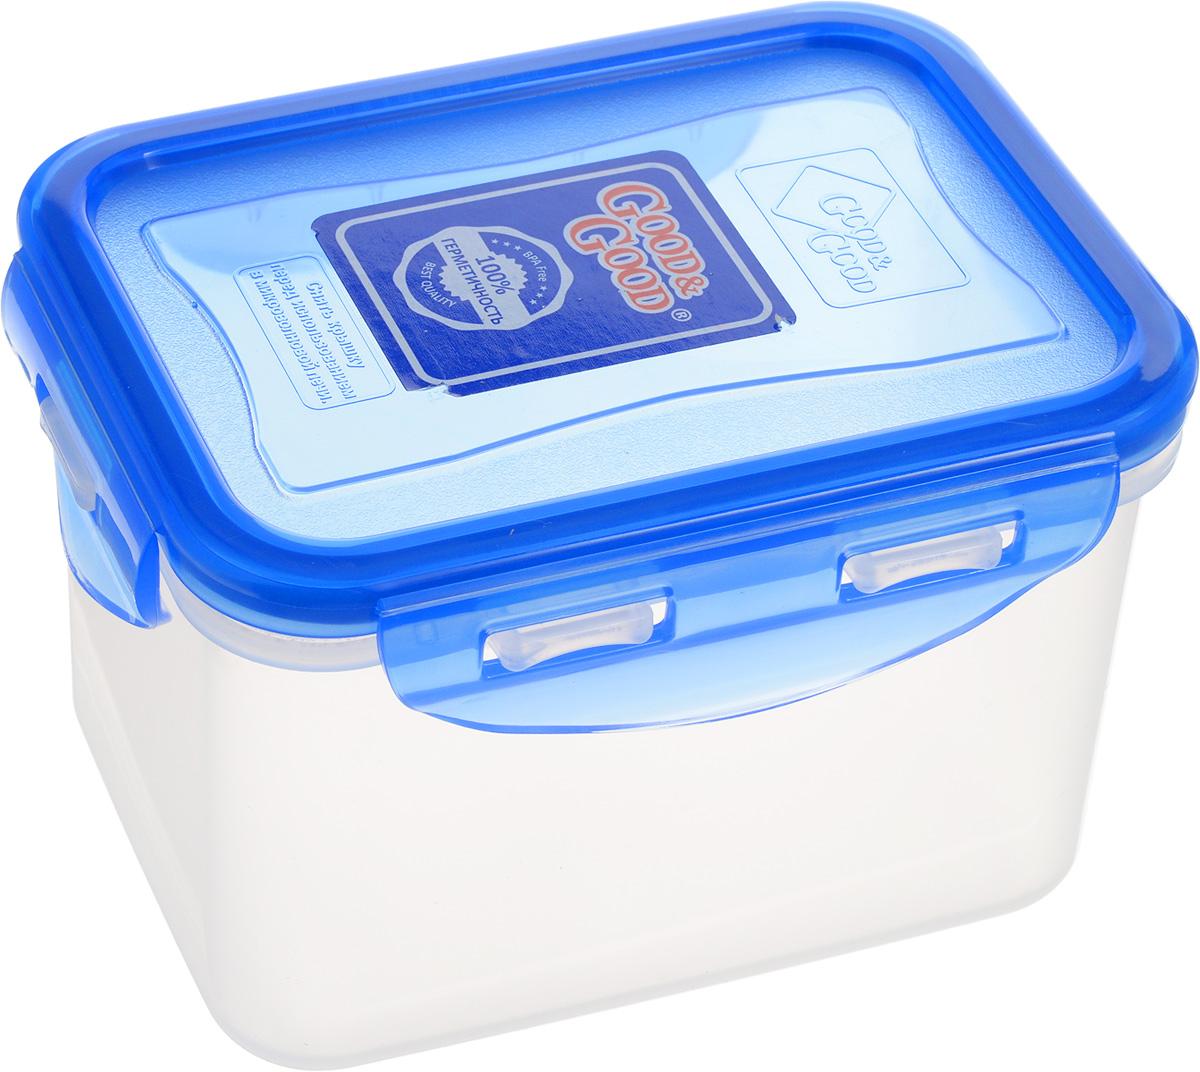 Контейнер пищевой Good&Good, цвет: синий, 630 мл. B/COL 02-2B/COL 02-2_синийПрямоугольный контейнер Good&Good изготовлен из высококачественного полипропилена и предназначен для хранения любых пищевых продуктов. Благодаря особым технологиям изготовления, лотки в течение времени службы не меняют цвет и не пропитываются запахами. Крышка с силиконовой вставкой герметично защелкивается специальным механизмом. Контейнер Good&Good удобен для ежедневного использования в быту. Можно мыть в посудомоечной машине и использовать в микроволновой печи. Размер контейнера (с учетом крышки): 13 х 9,5 х 8,5 см.